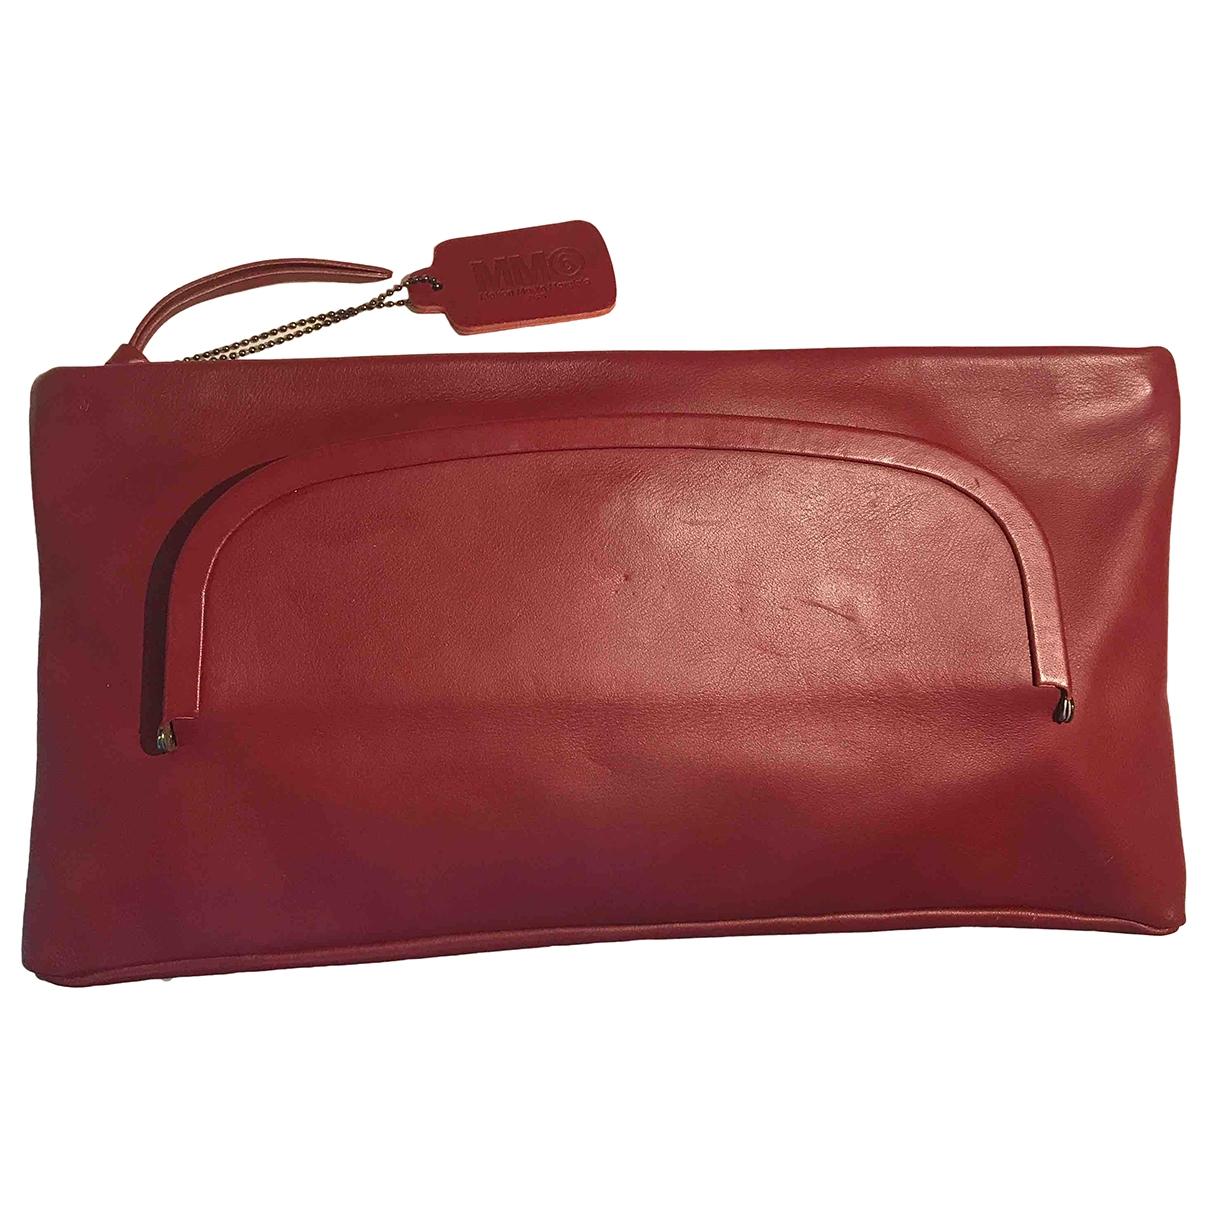 Mm6 - Pochette   pour femme en cuir - bordeaux